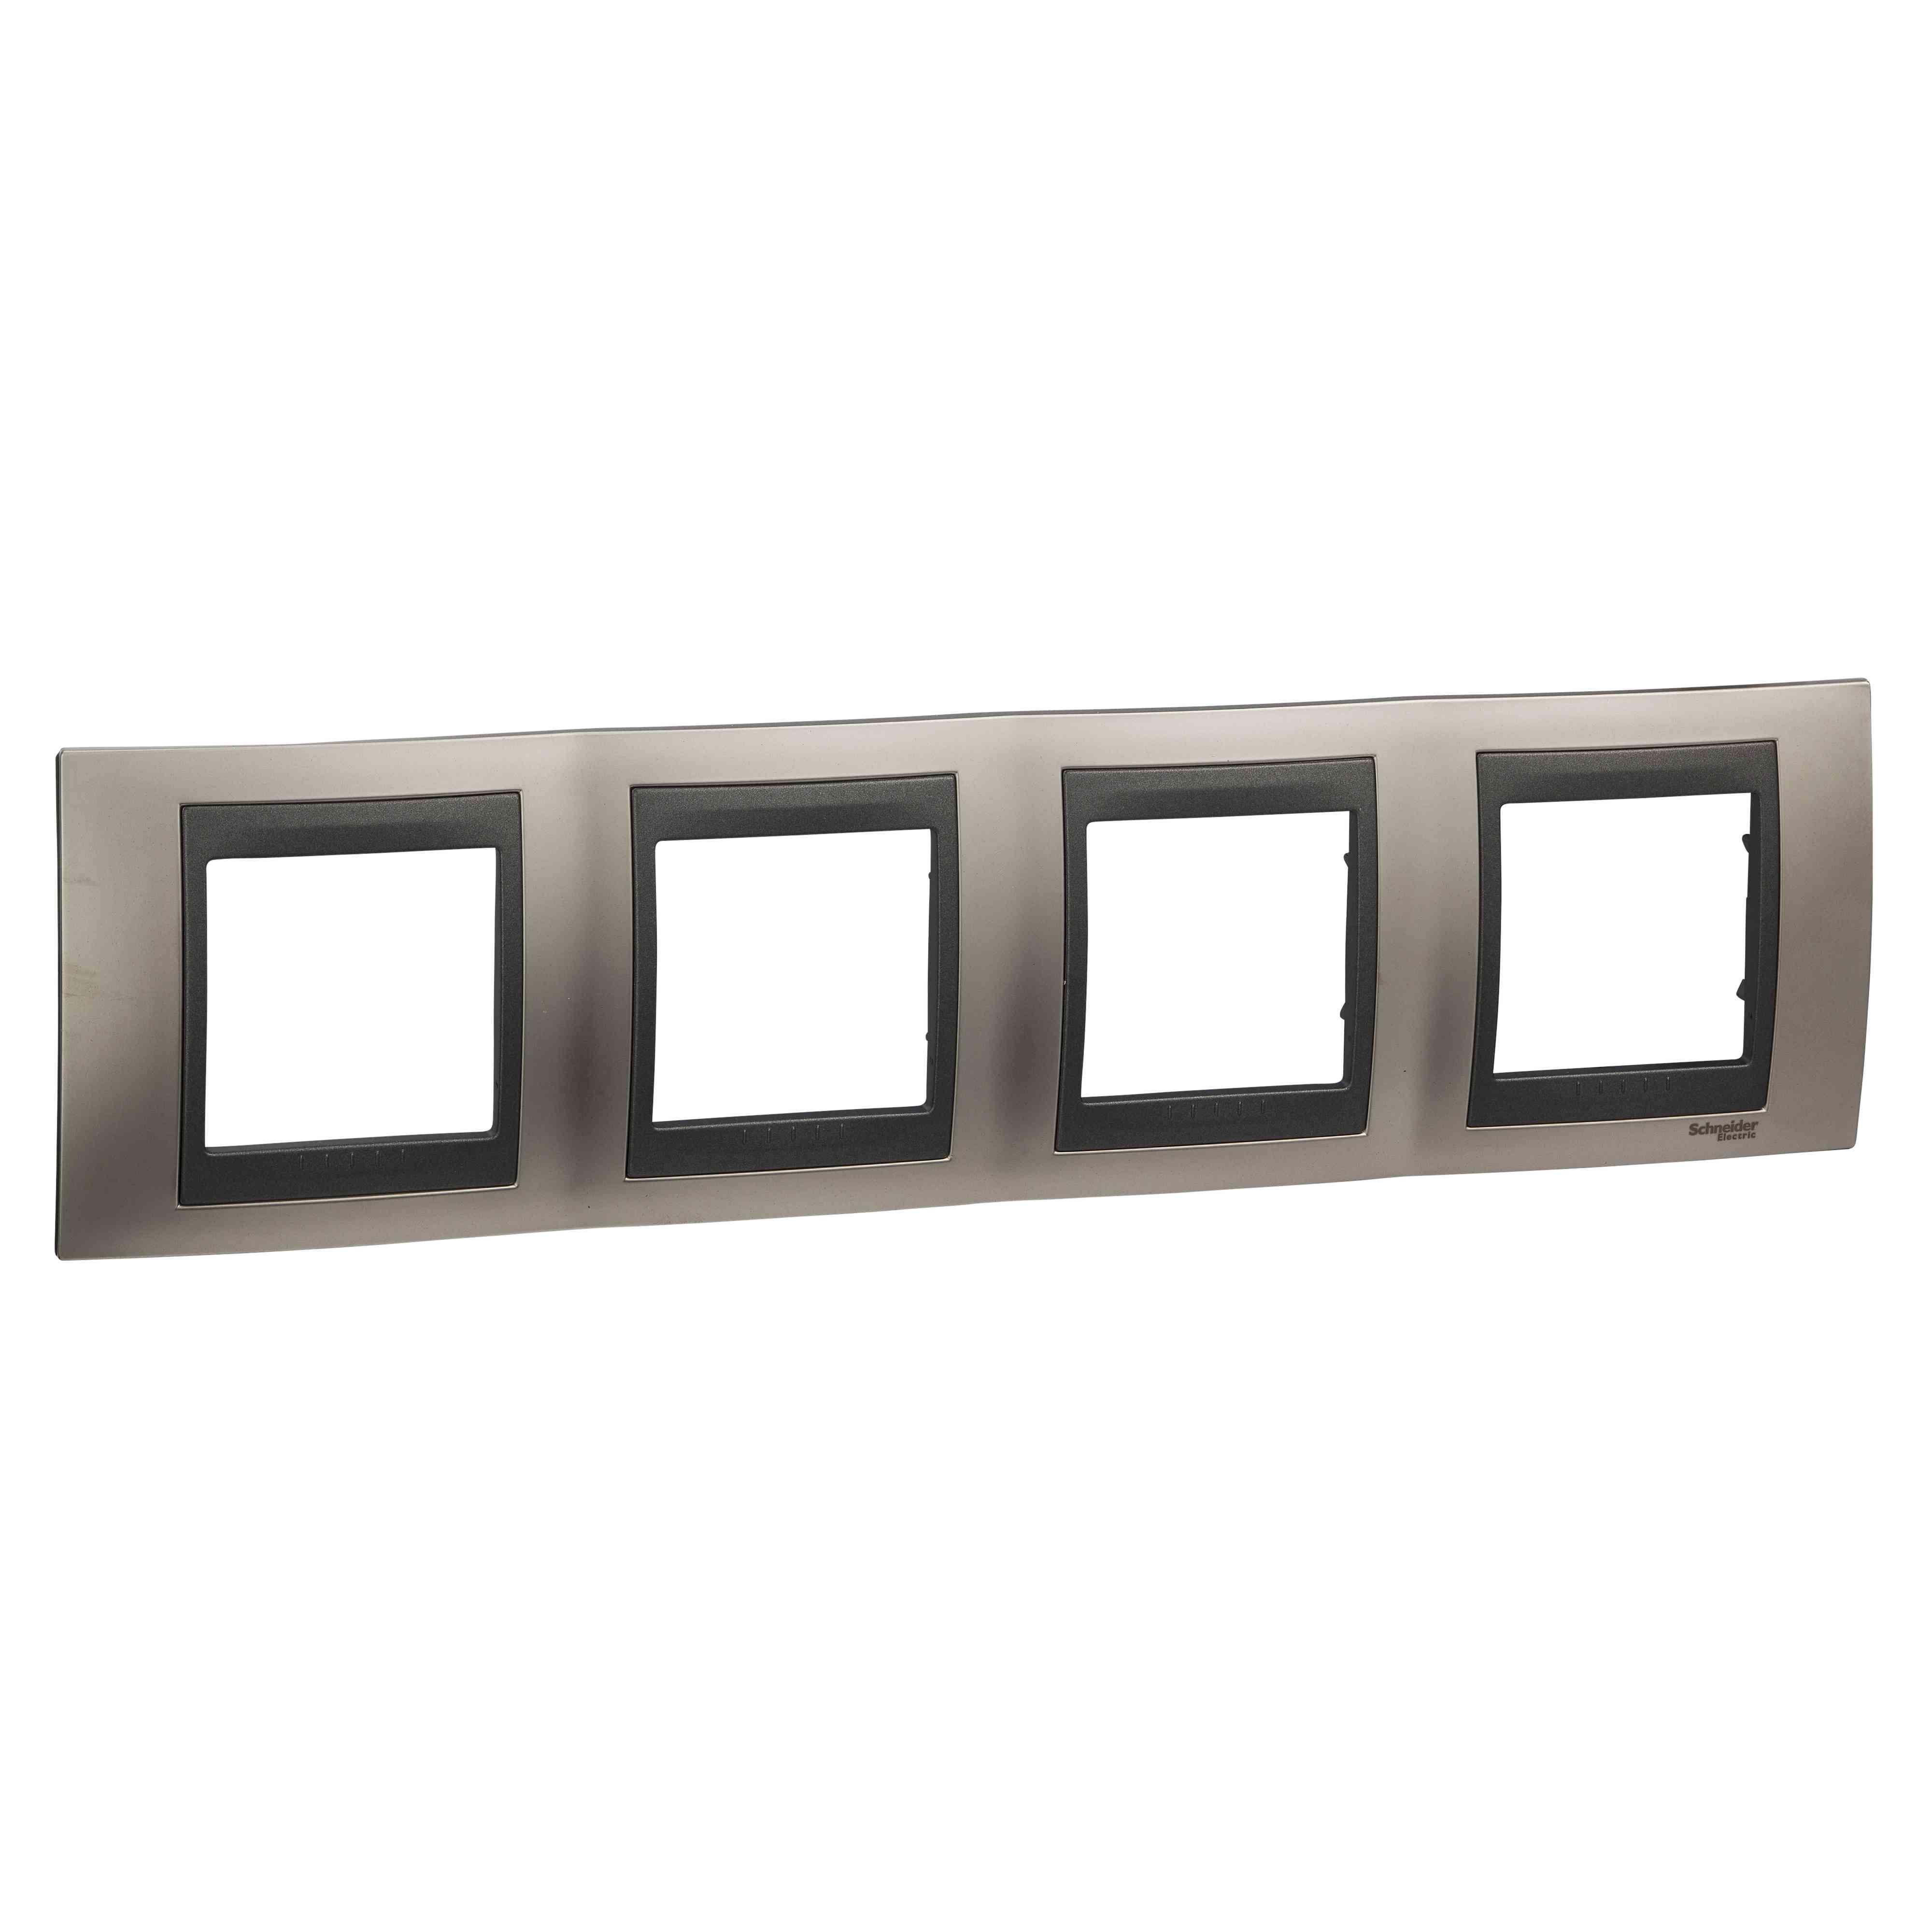 Unica Top - dekorativni okvir - 4 odprtine, H71 - mat b. niklja/grafita